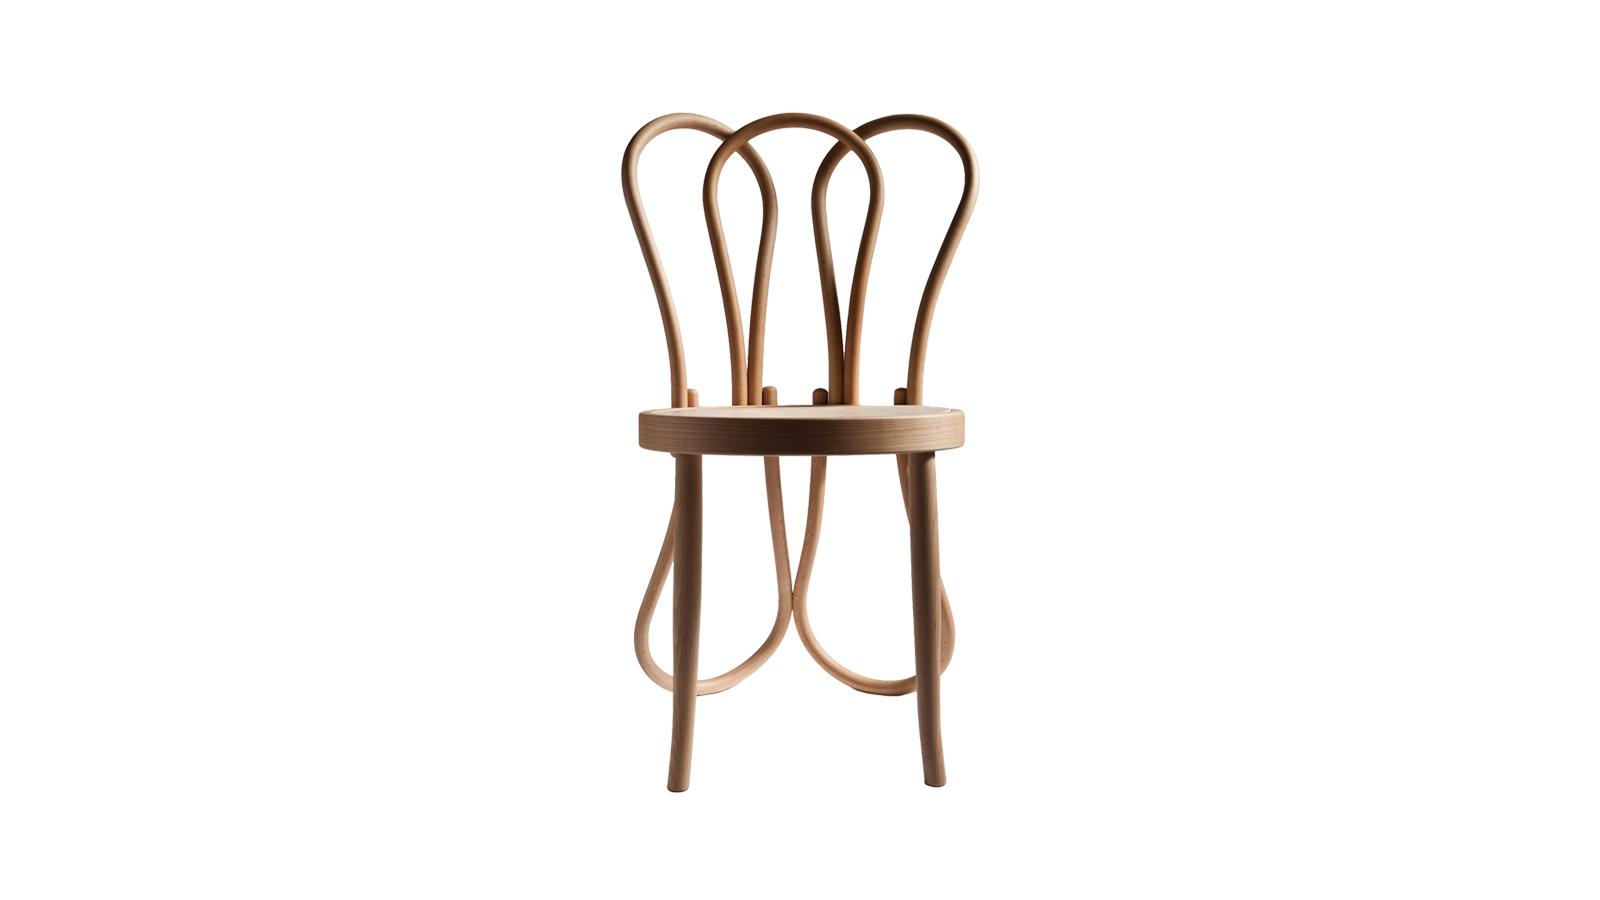 A Post Mundus, a Thonet cég eme remekműve mosolyra fakaszt és élénk gesztusokat idéz fel: a Martino Gamper által tervezett szék a gyártó jól ismert, hagyományos formavilágát írja kissé át. Az irónia és a könnyedség alapja mindössze öt darab hajlított fa elem, melyek szimmetrikus összekapcsolása révén a hagyomány és a modernizmus egyszerre jelenik meg a tárgyban. Mestermű!